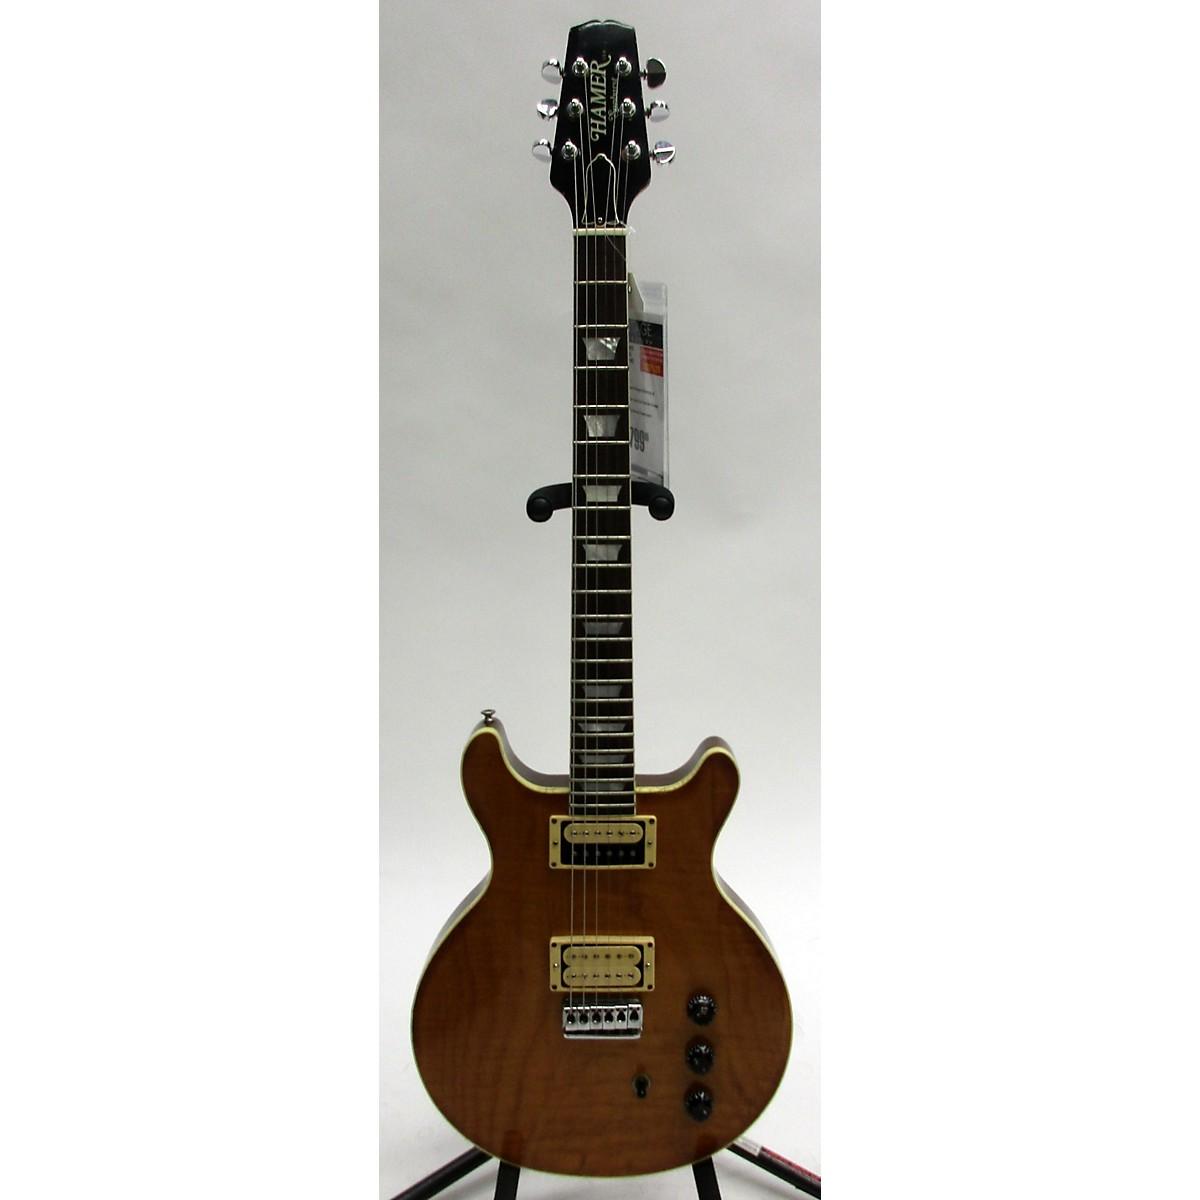 Hamer 1979 Sunburst Solid Body Electric Guitar